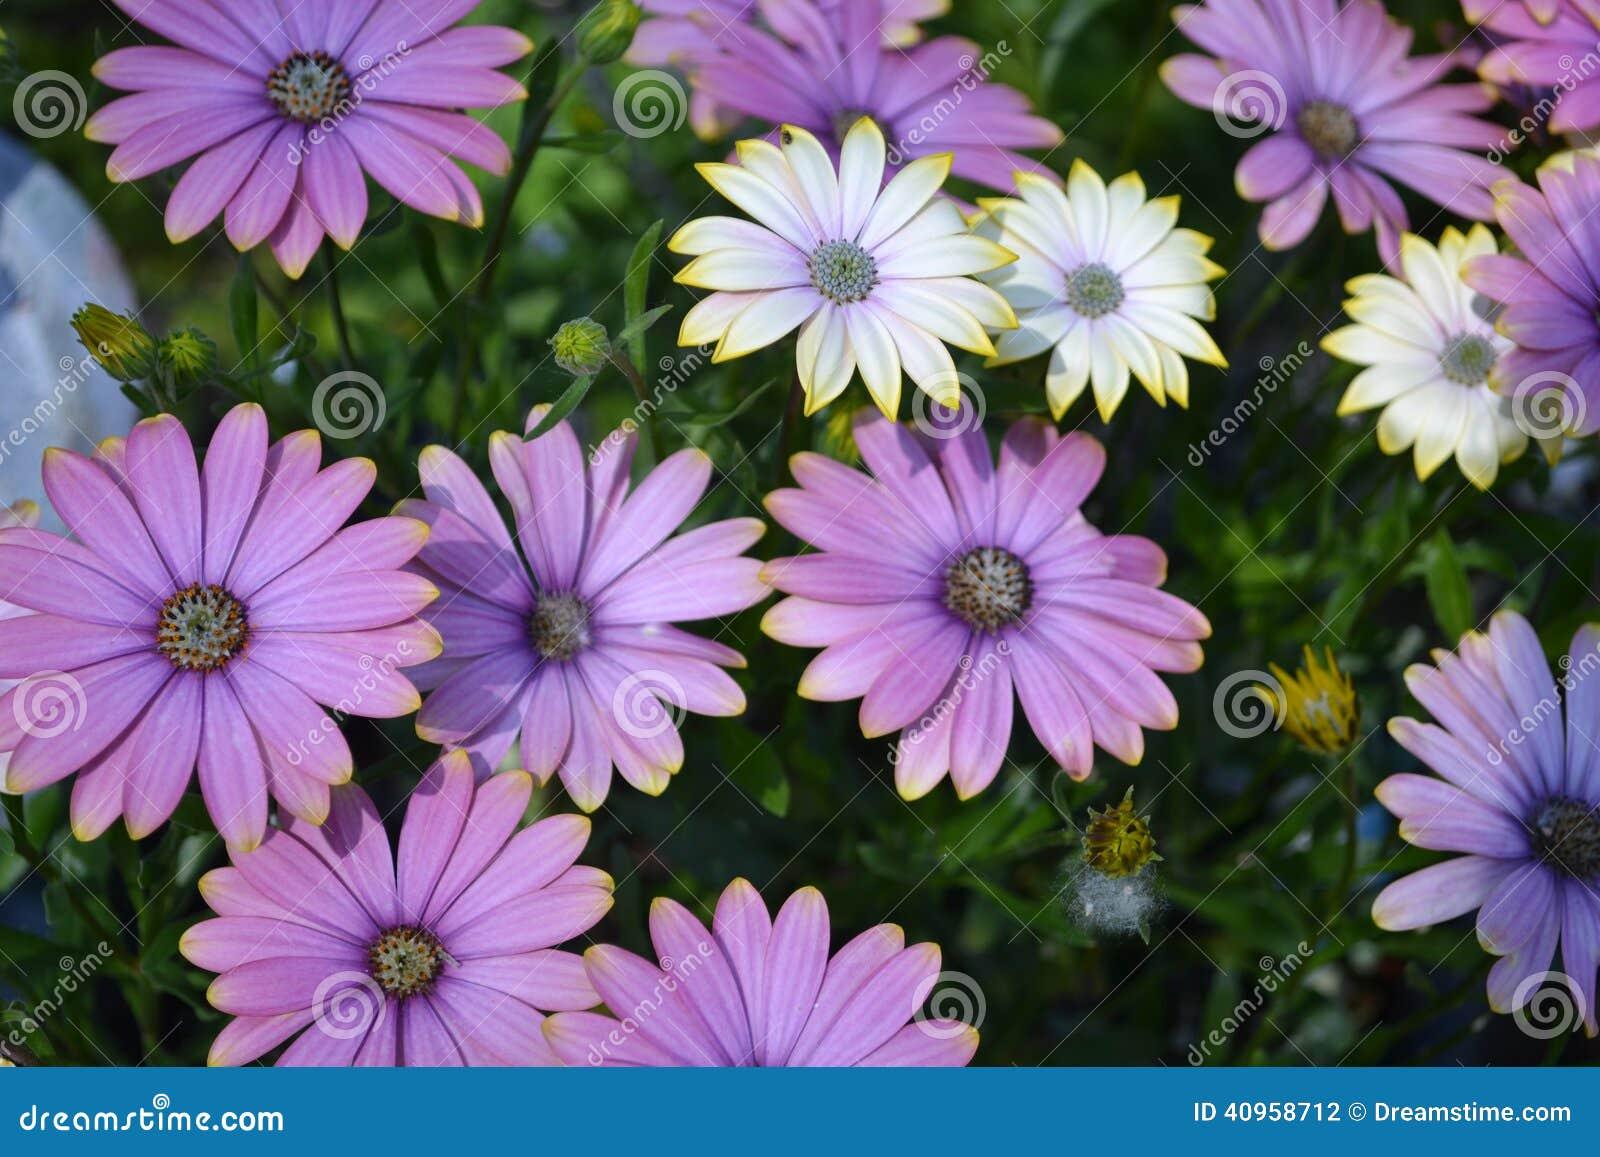 summertime sweet blue sunrise stock photo image 40958712